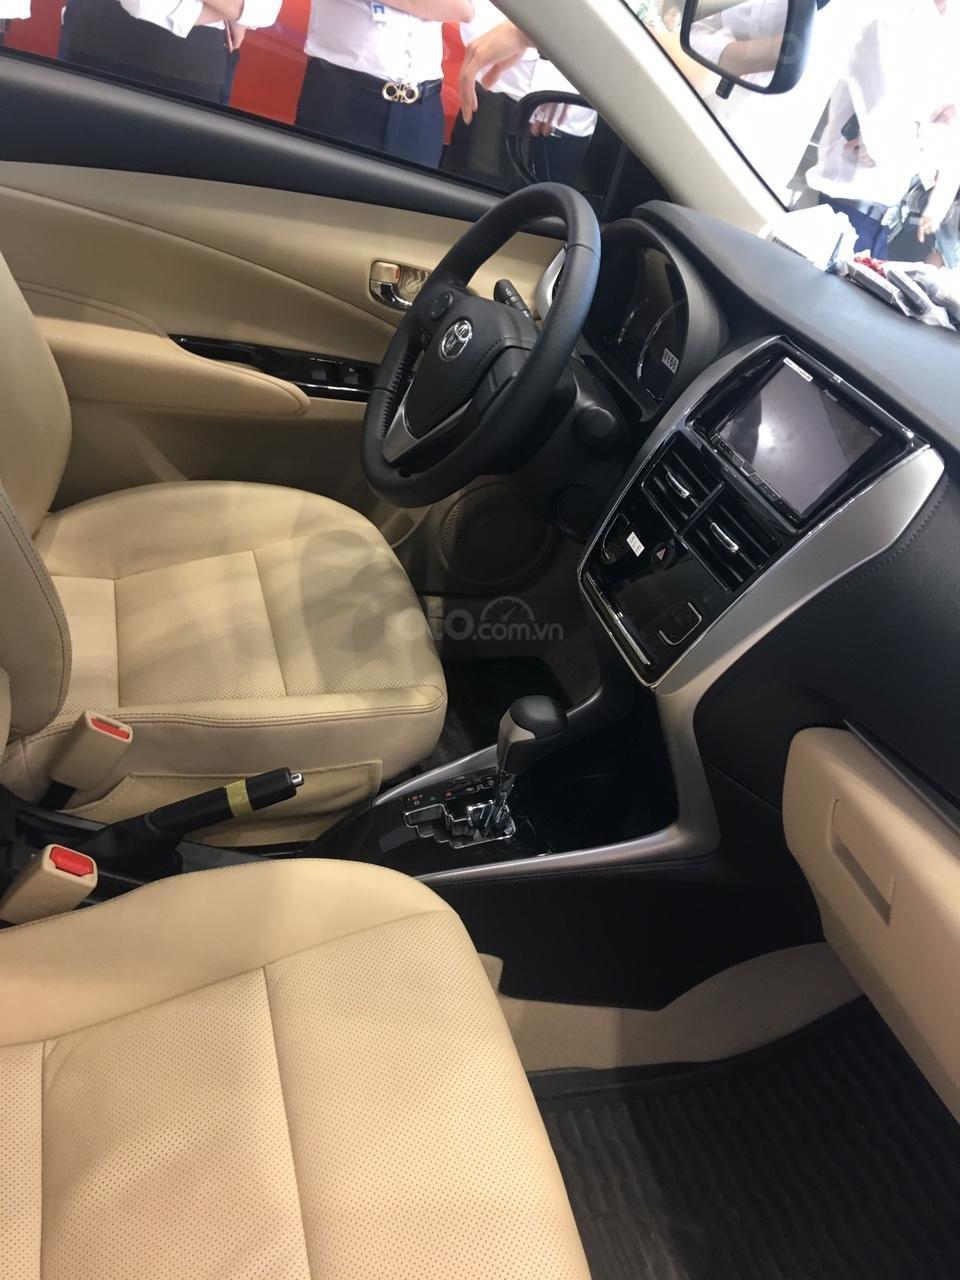 Toyota Vios E giá 497 triệu đồng tặng DVD, camera lùi, dán kính trải sàn liên hệ 093 6200062-2